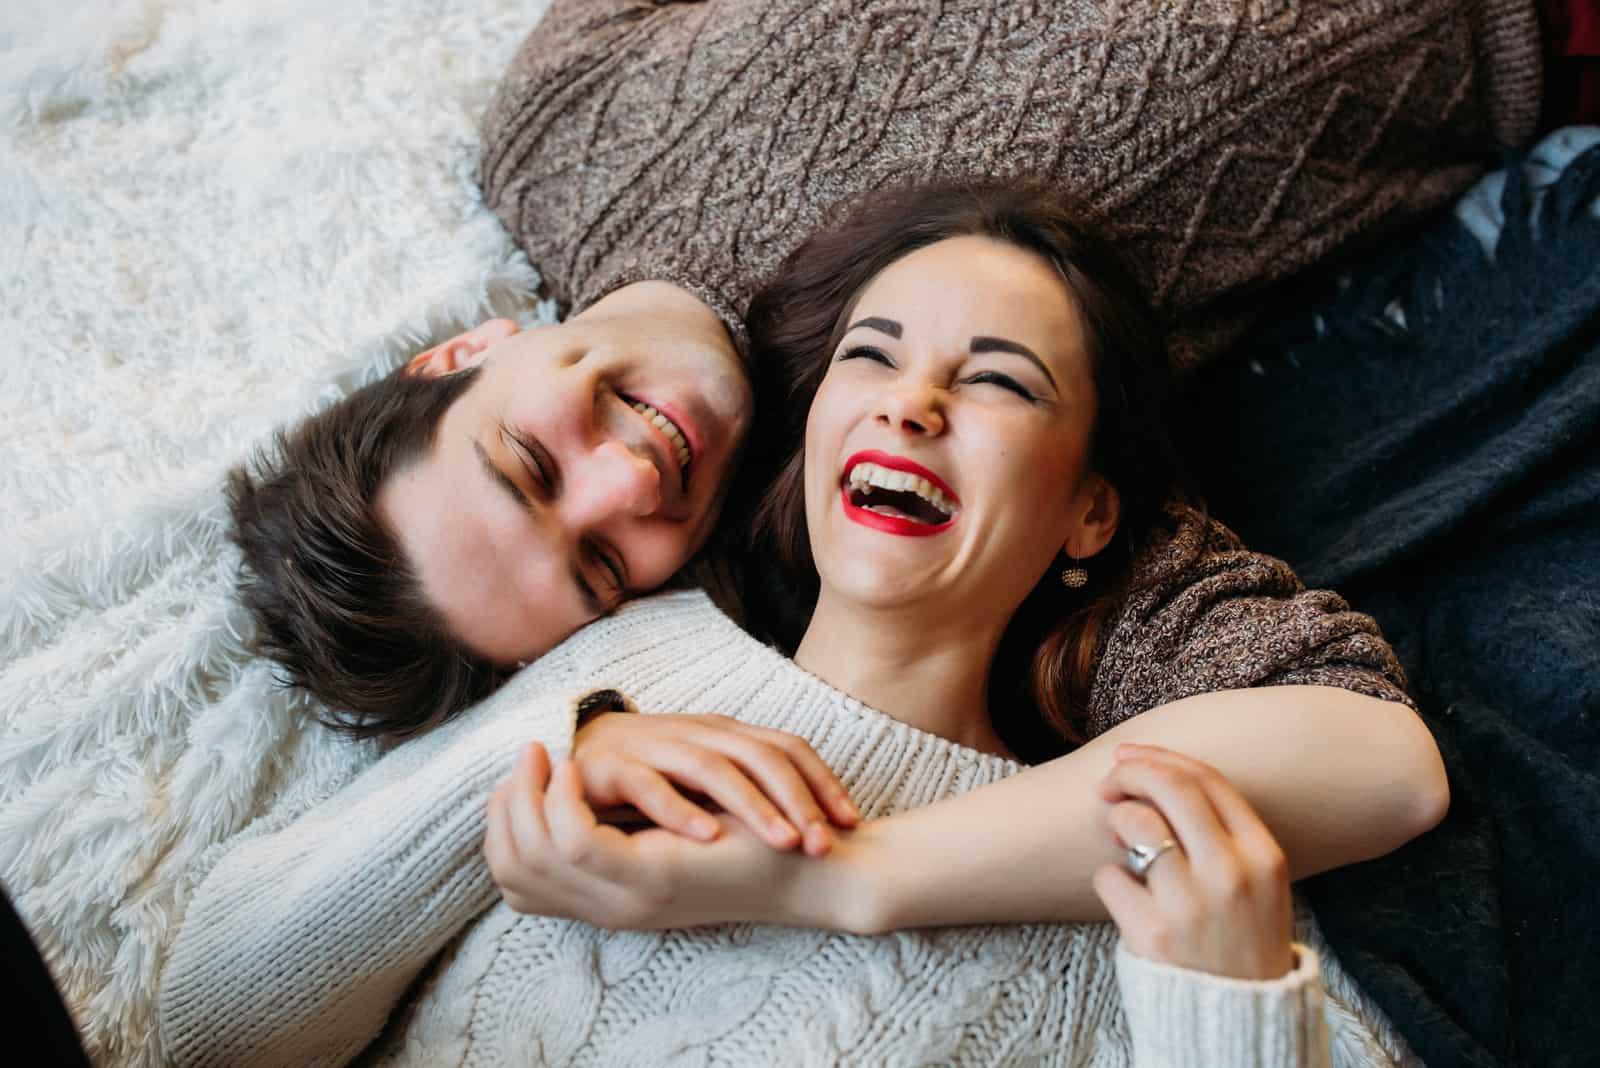 Das lächelnde Paar liegt lachend und umarmend da